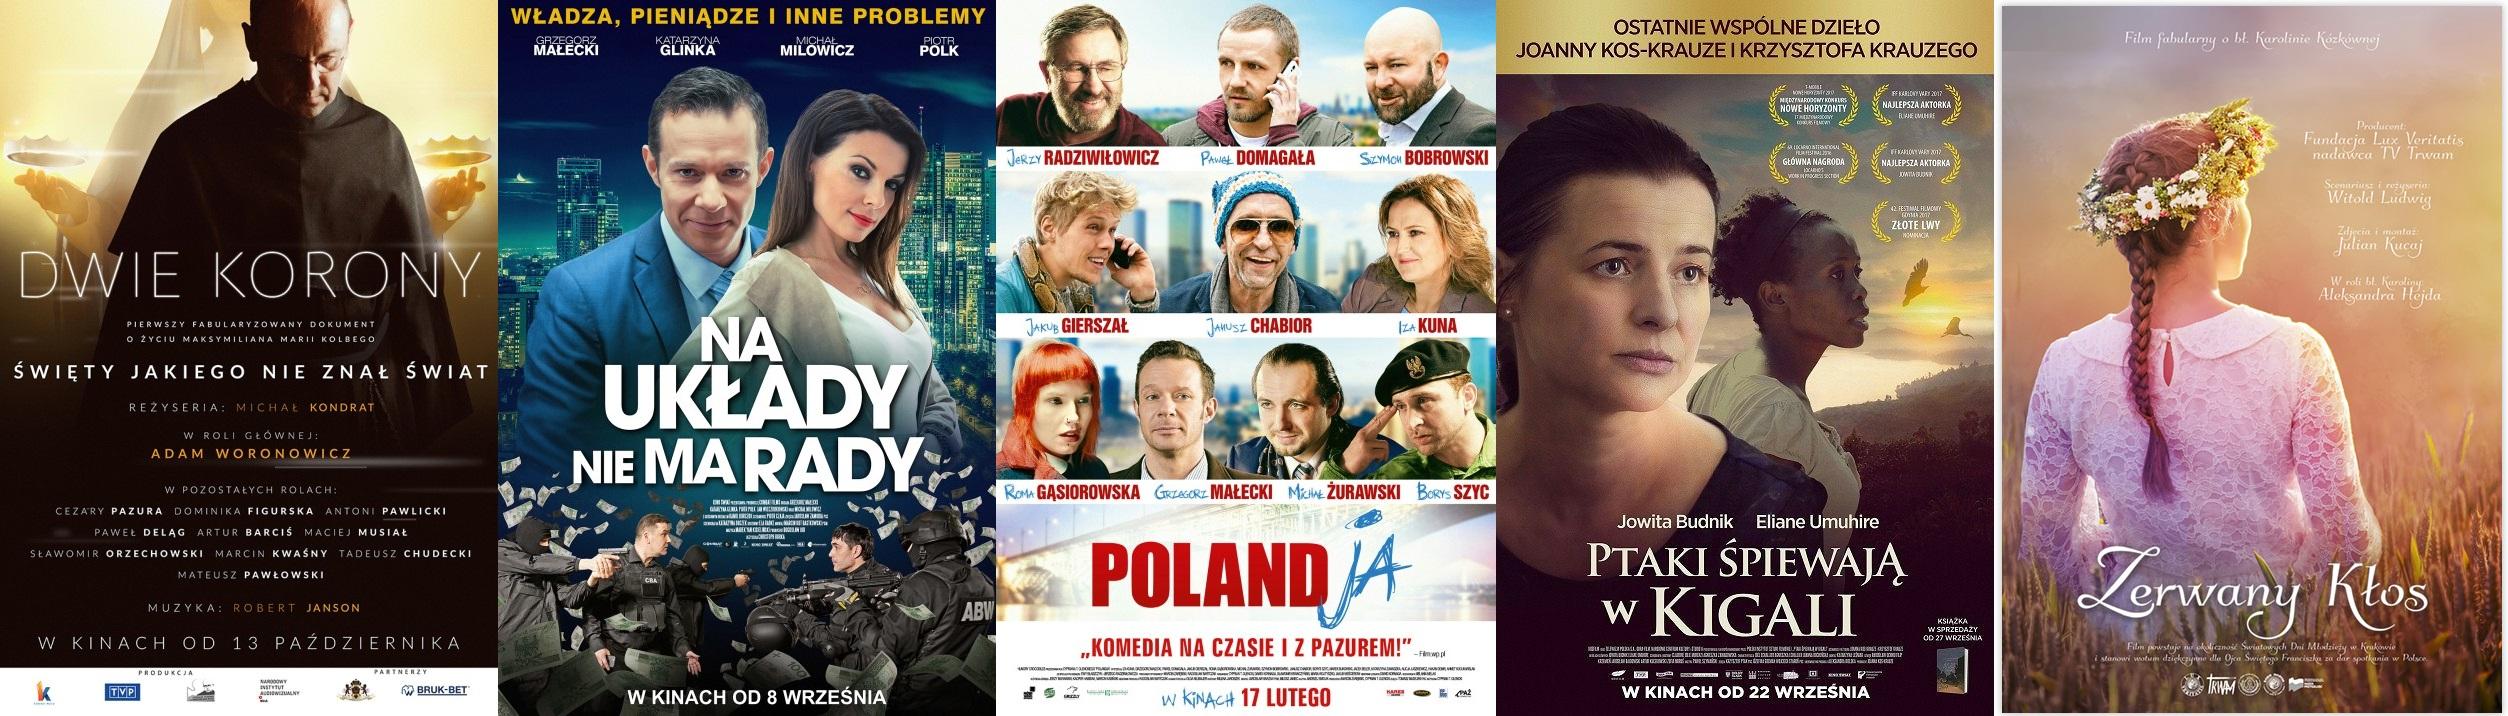 najgorsze polskie plakaty filmowe 2017